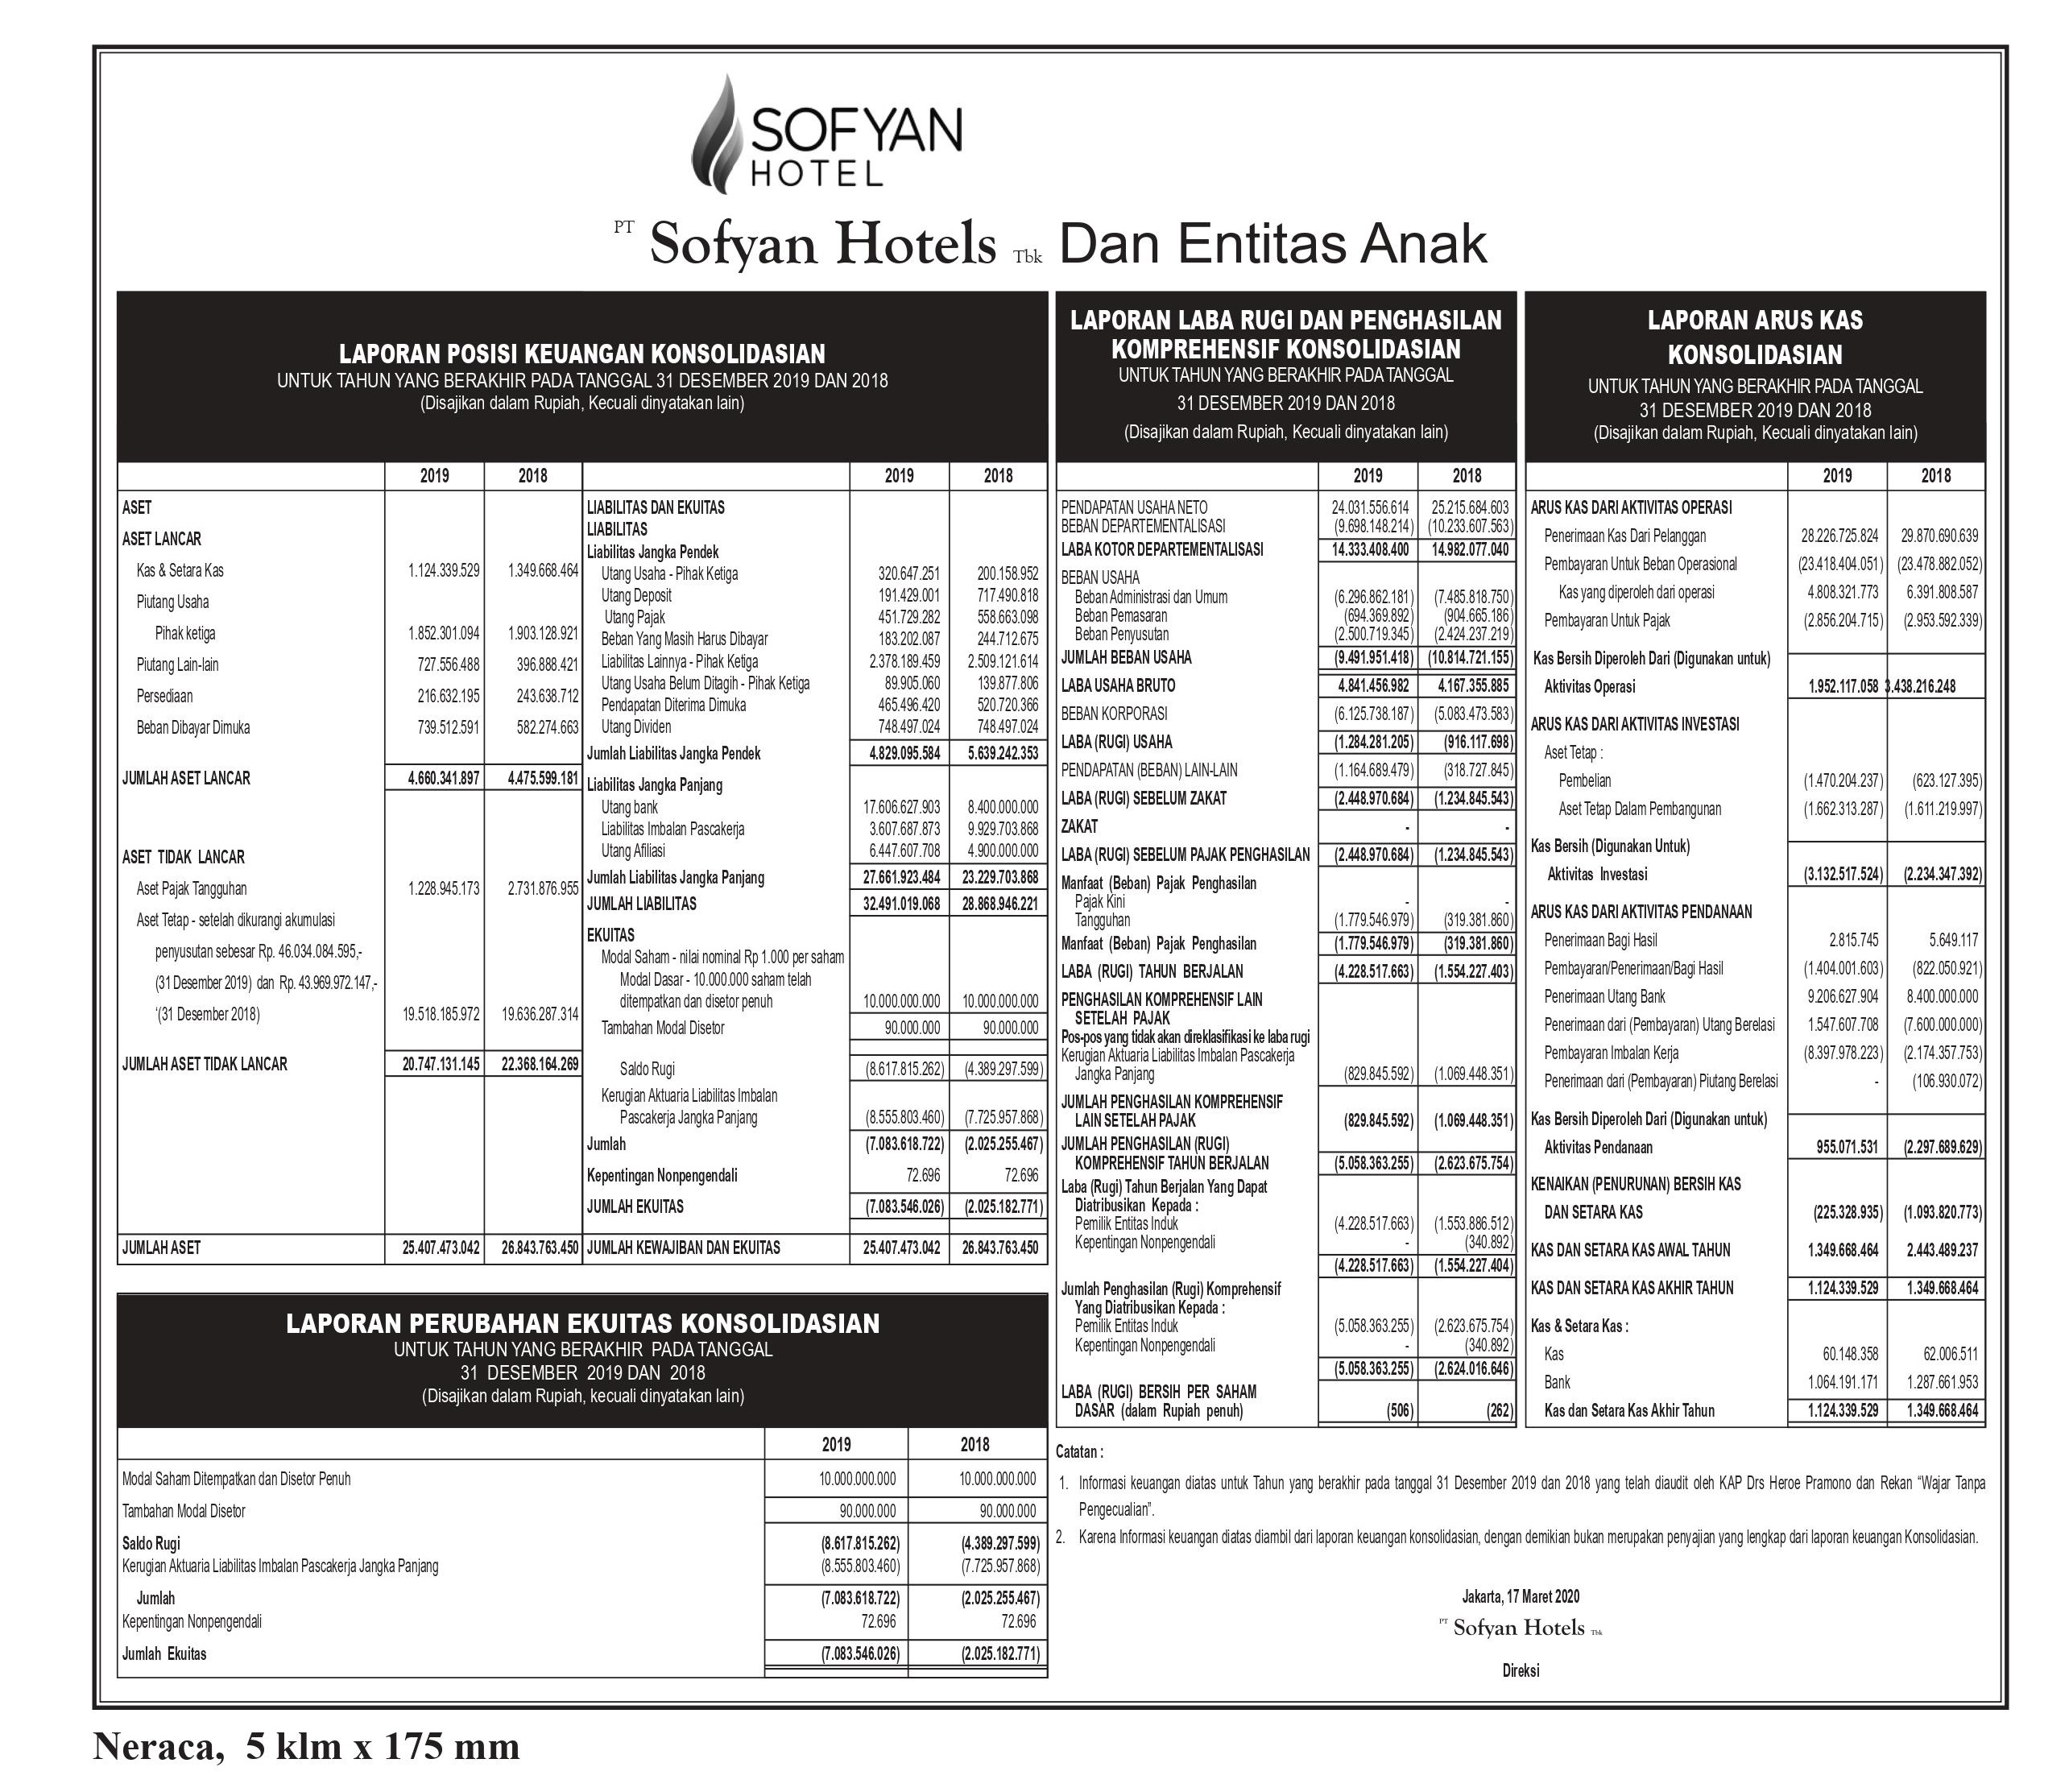 Laporan Keuangan Sofyan Hotel Tbk